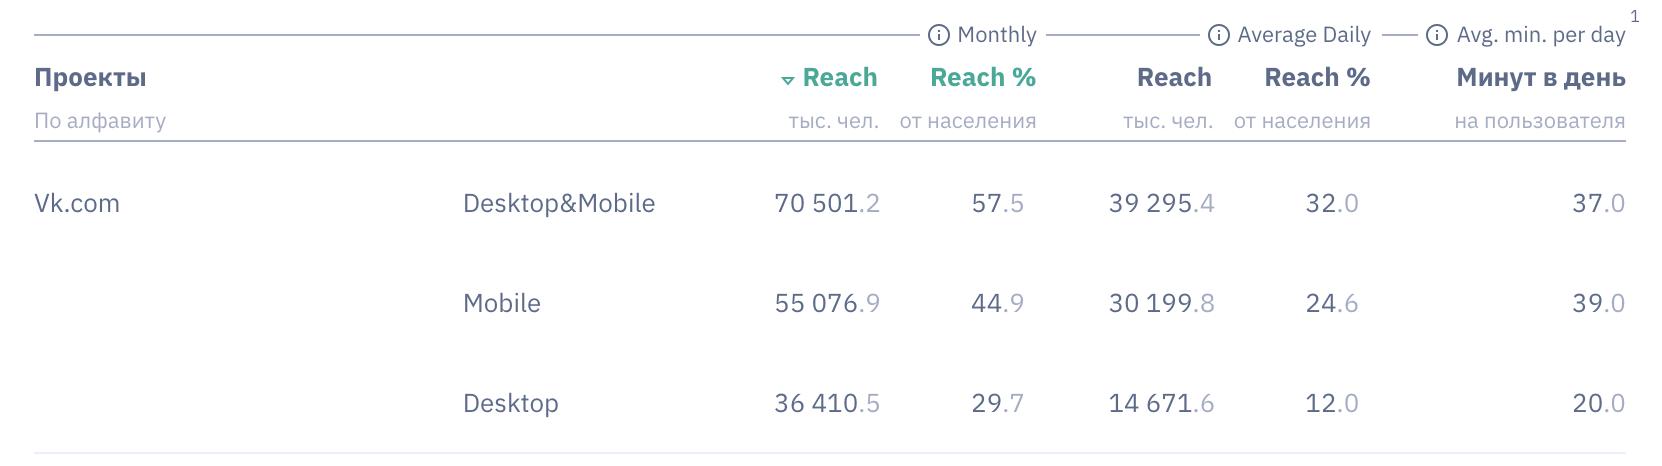 Продолжительность сессий в Вконтакте, интересные цифры